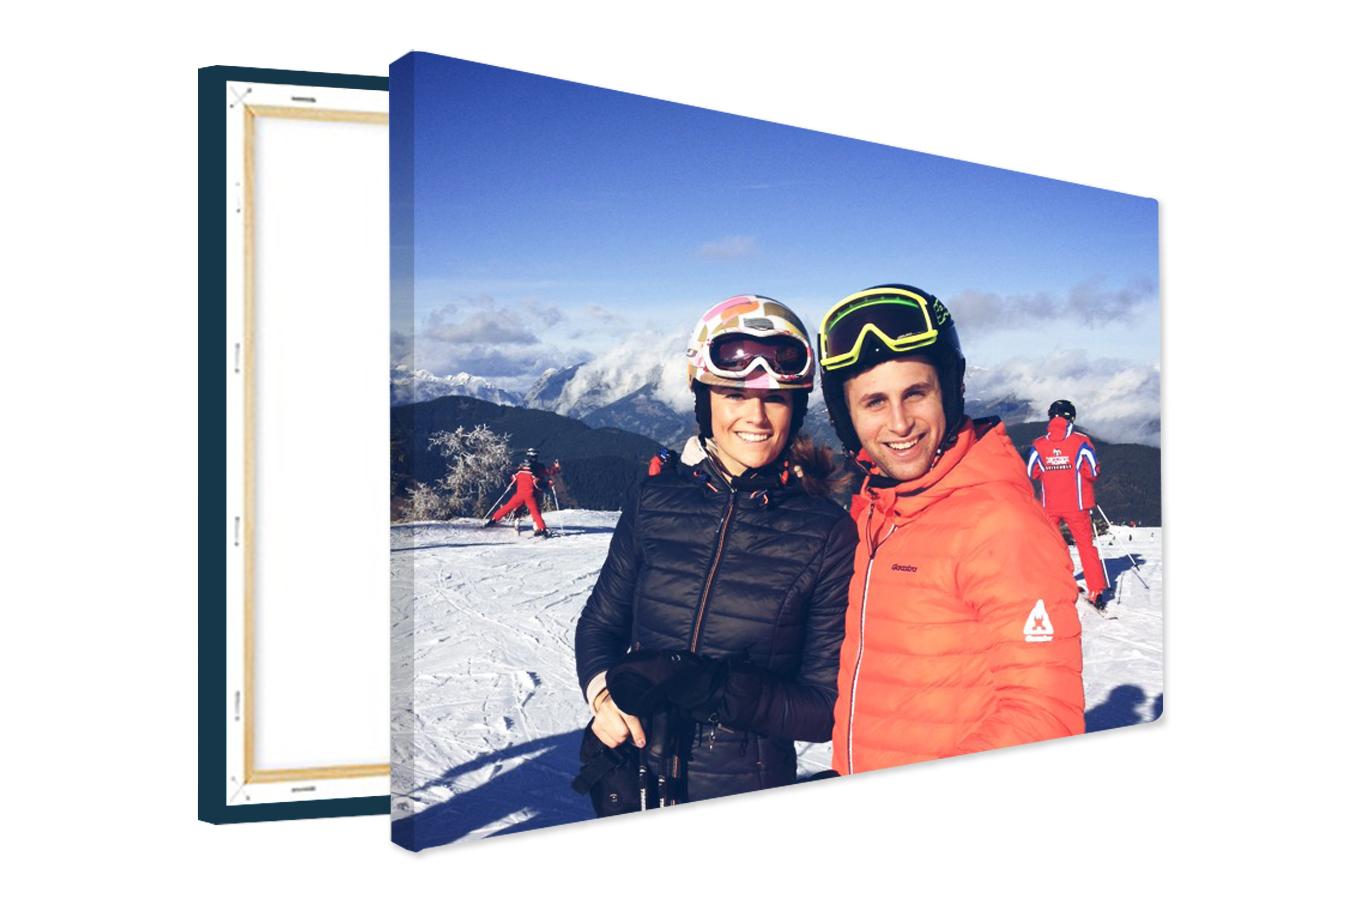 Gratis foto canvas 40x30 cm, 2 cm dik door kortingscode (€7,95 verzendkosten) @ Canvas Company